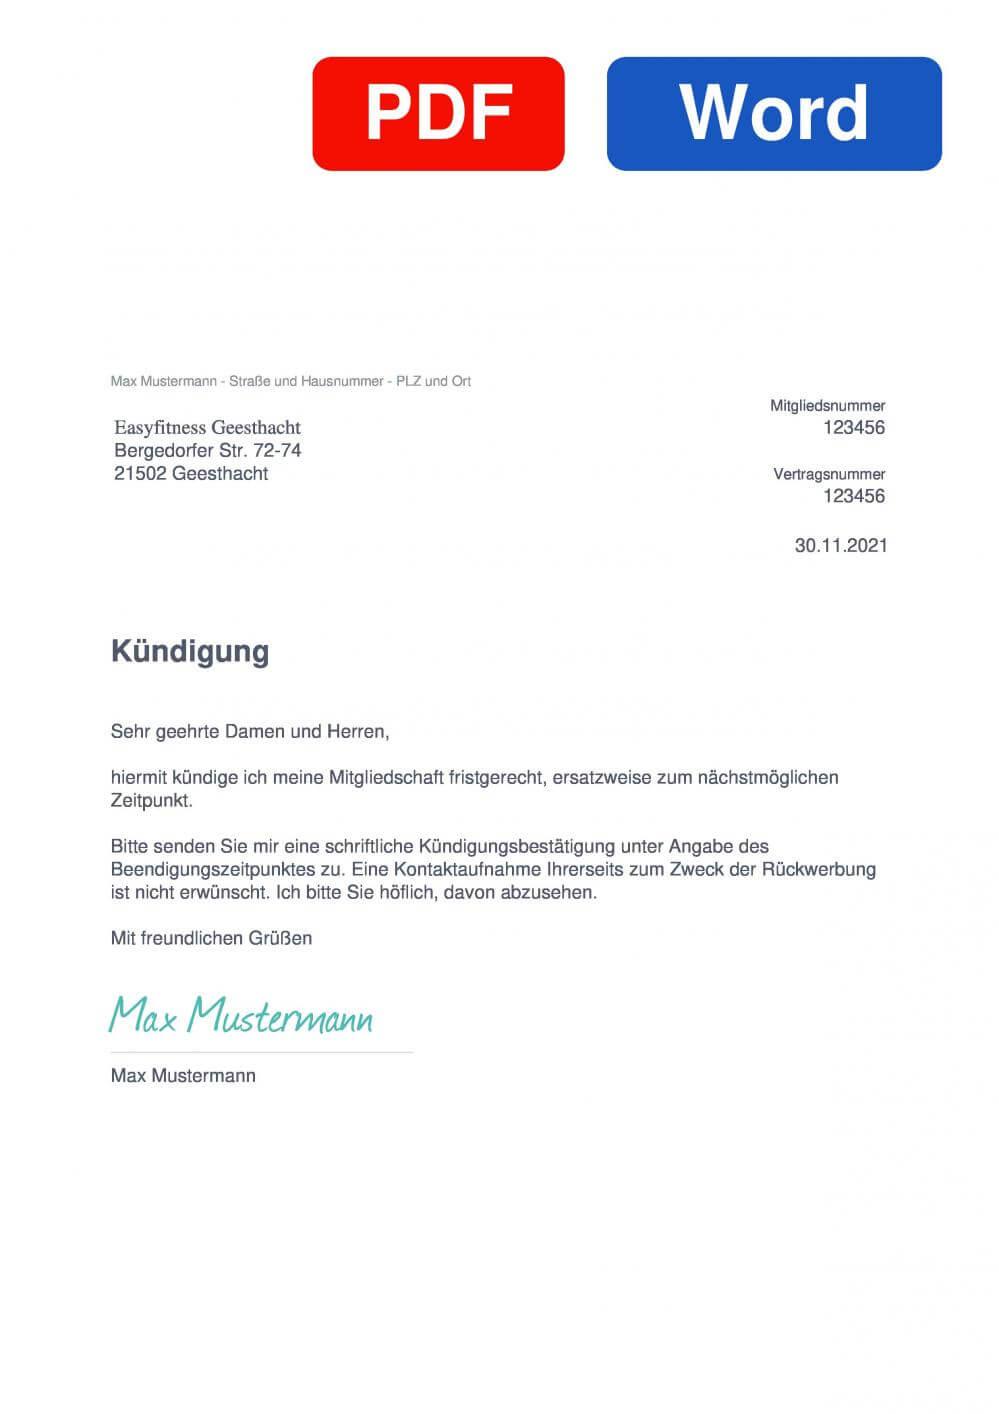 EASYFITNESS Geesthacht Muster Vorlage für Kündigungsschreiben